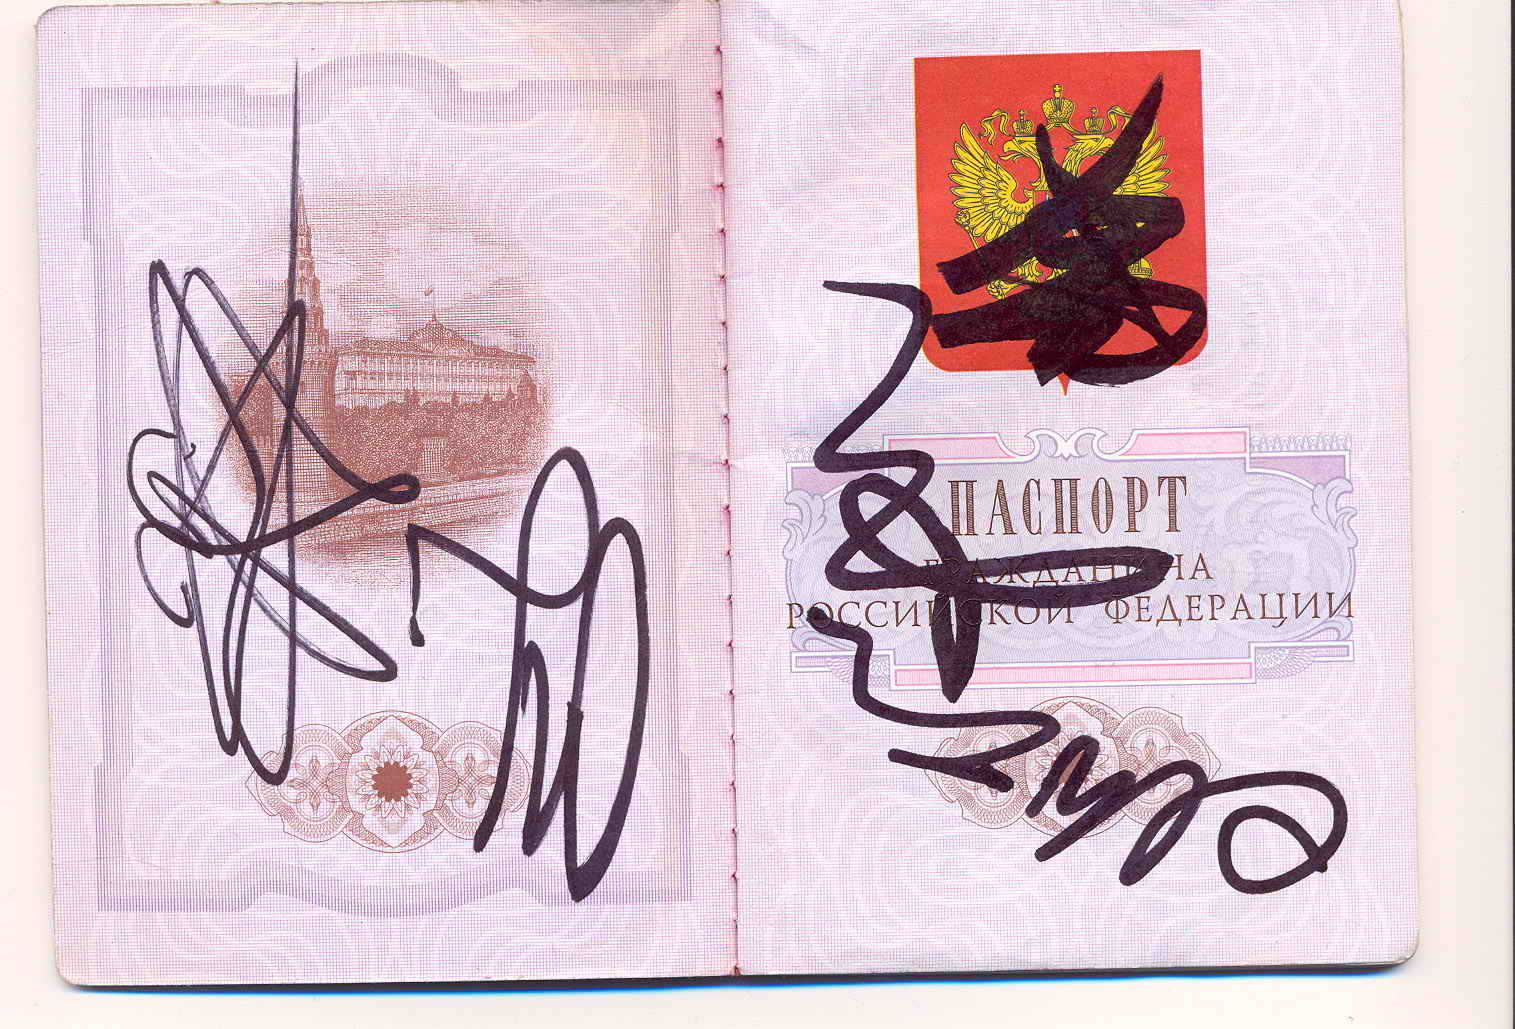 Как сделать в паспорте красивую роспись